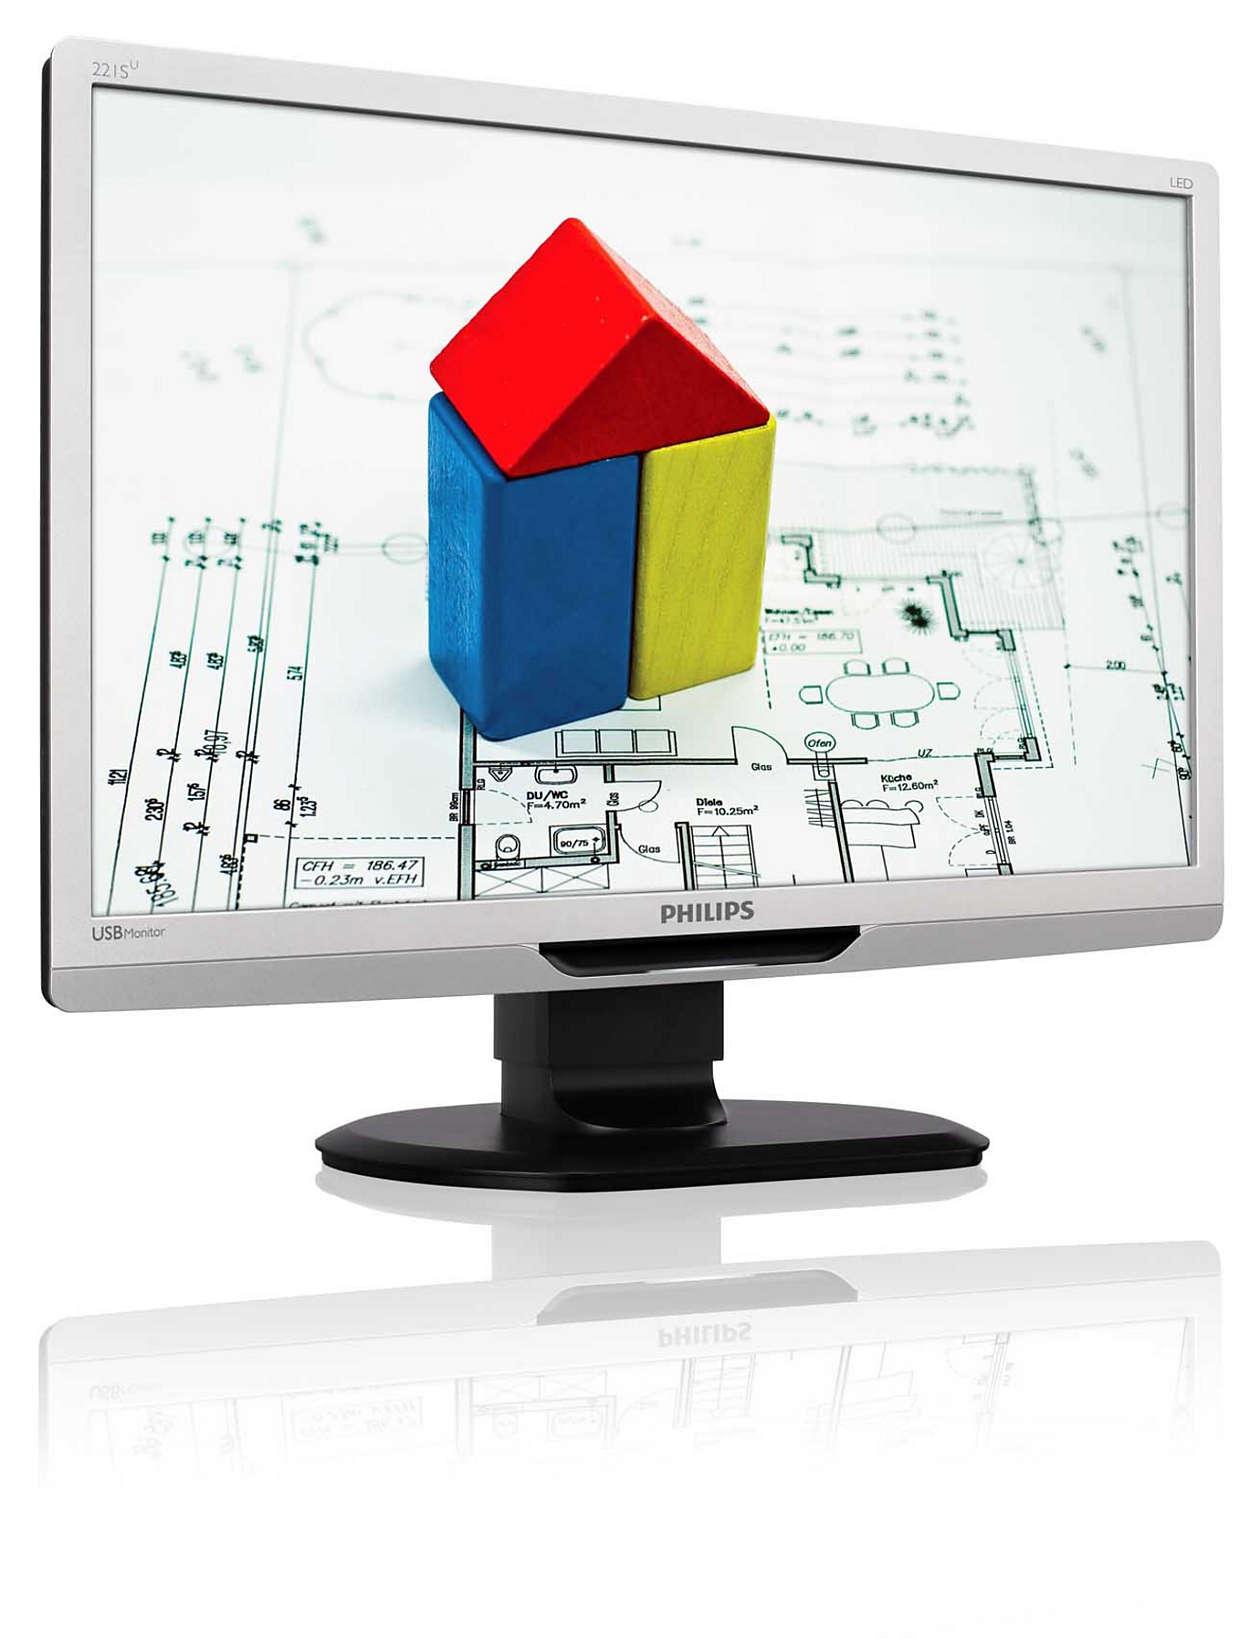 Jednoduchosť monitora s pripojením USB